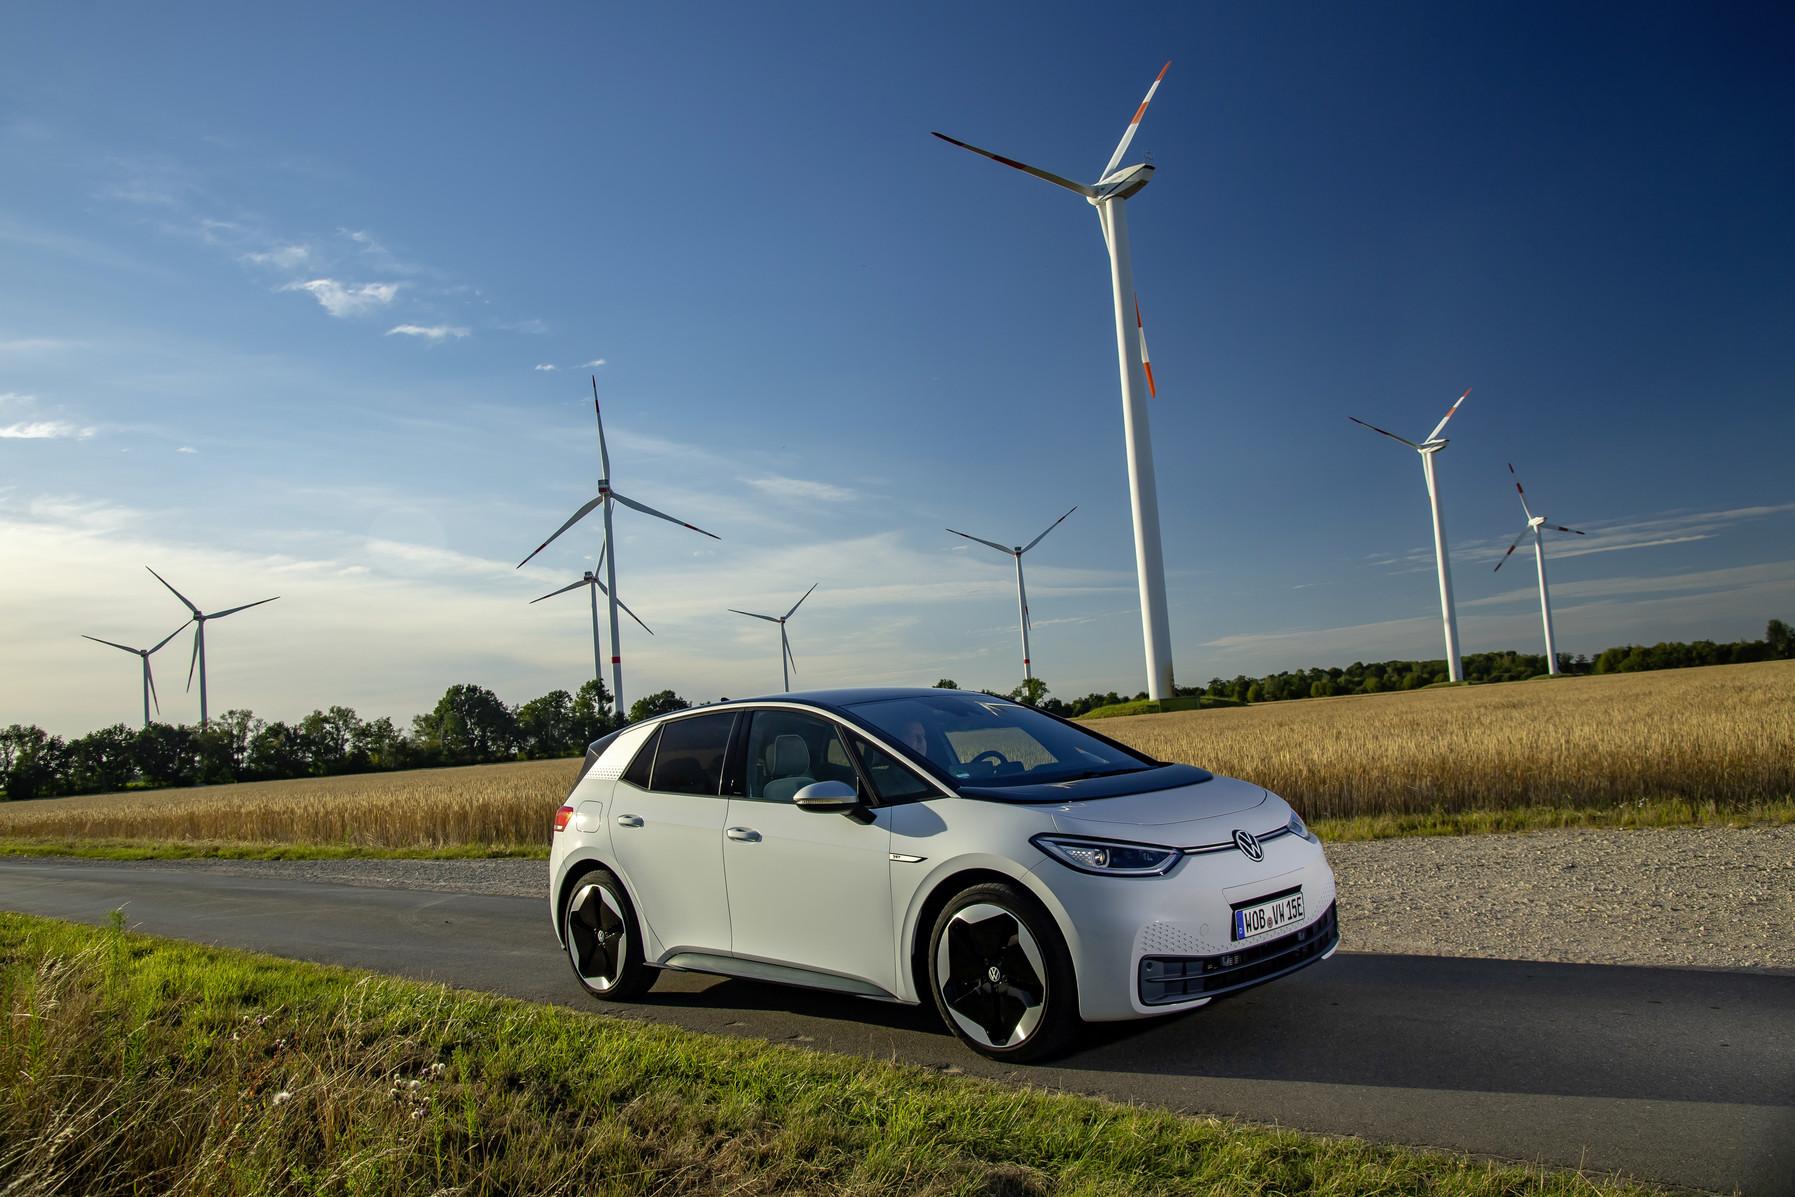 Ofensiva eléctrica de Volkswagen gana terreno